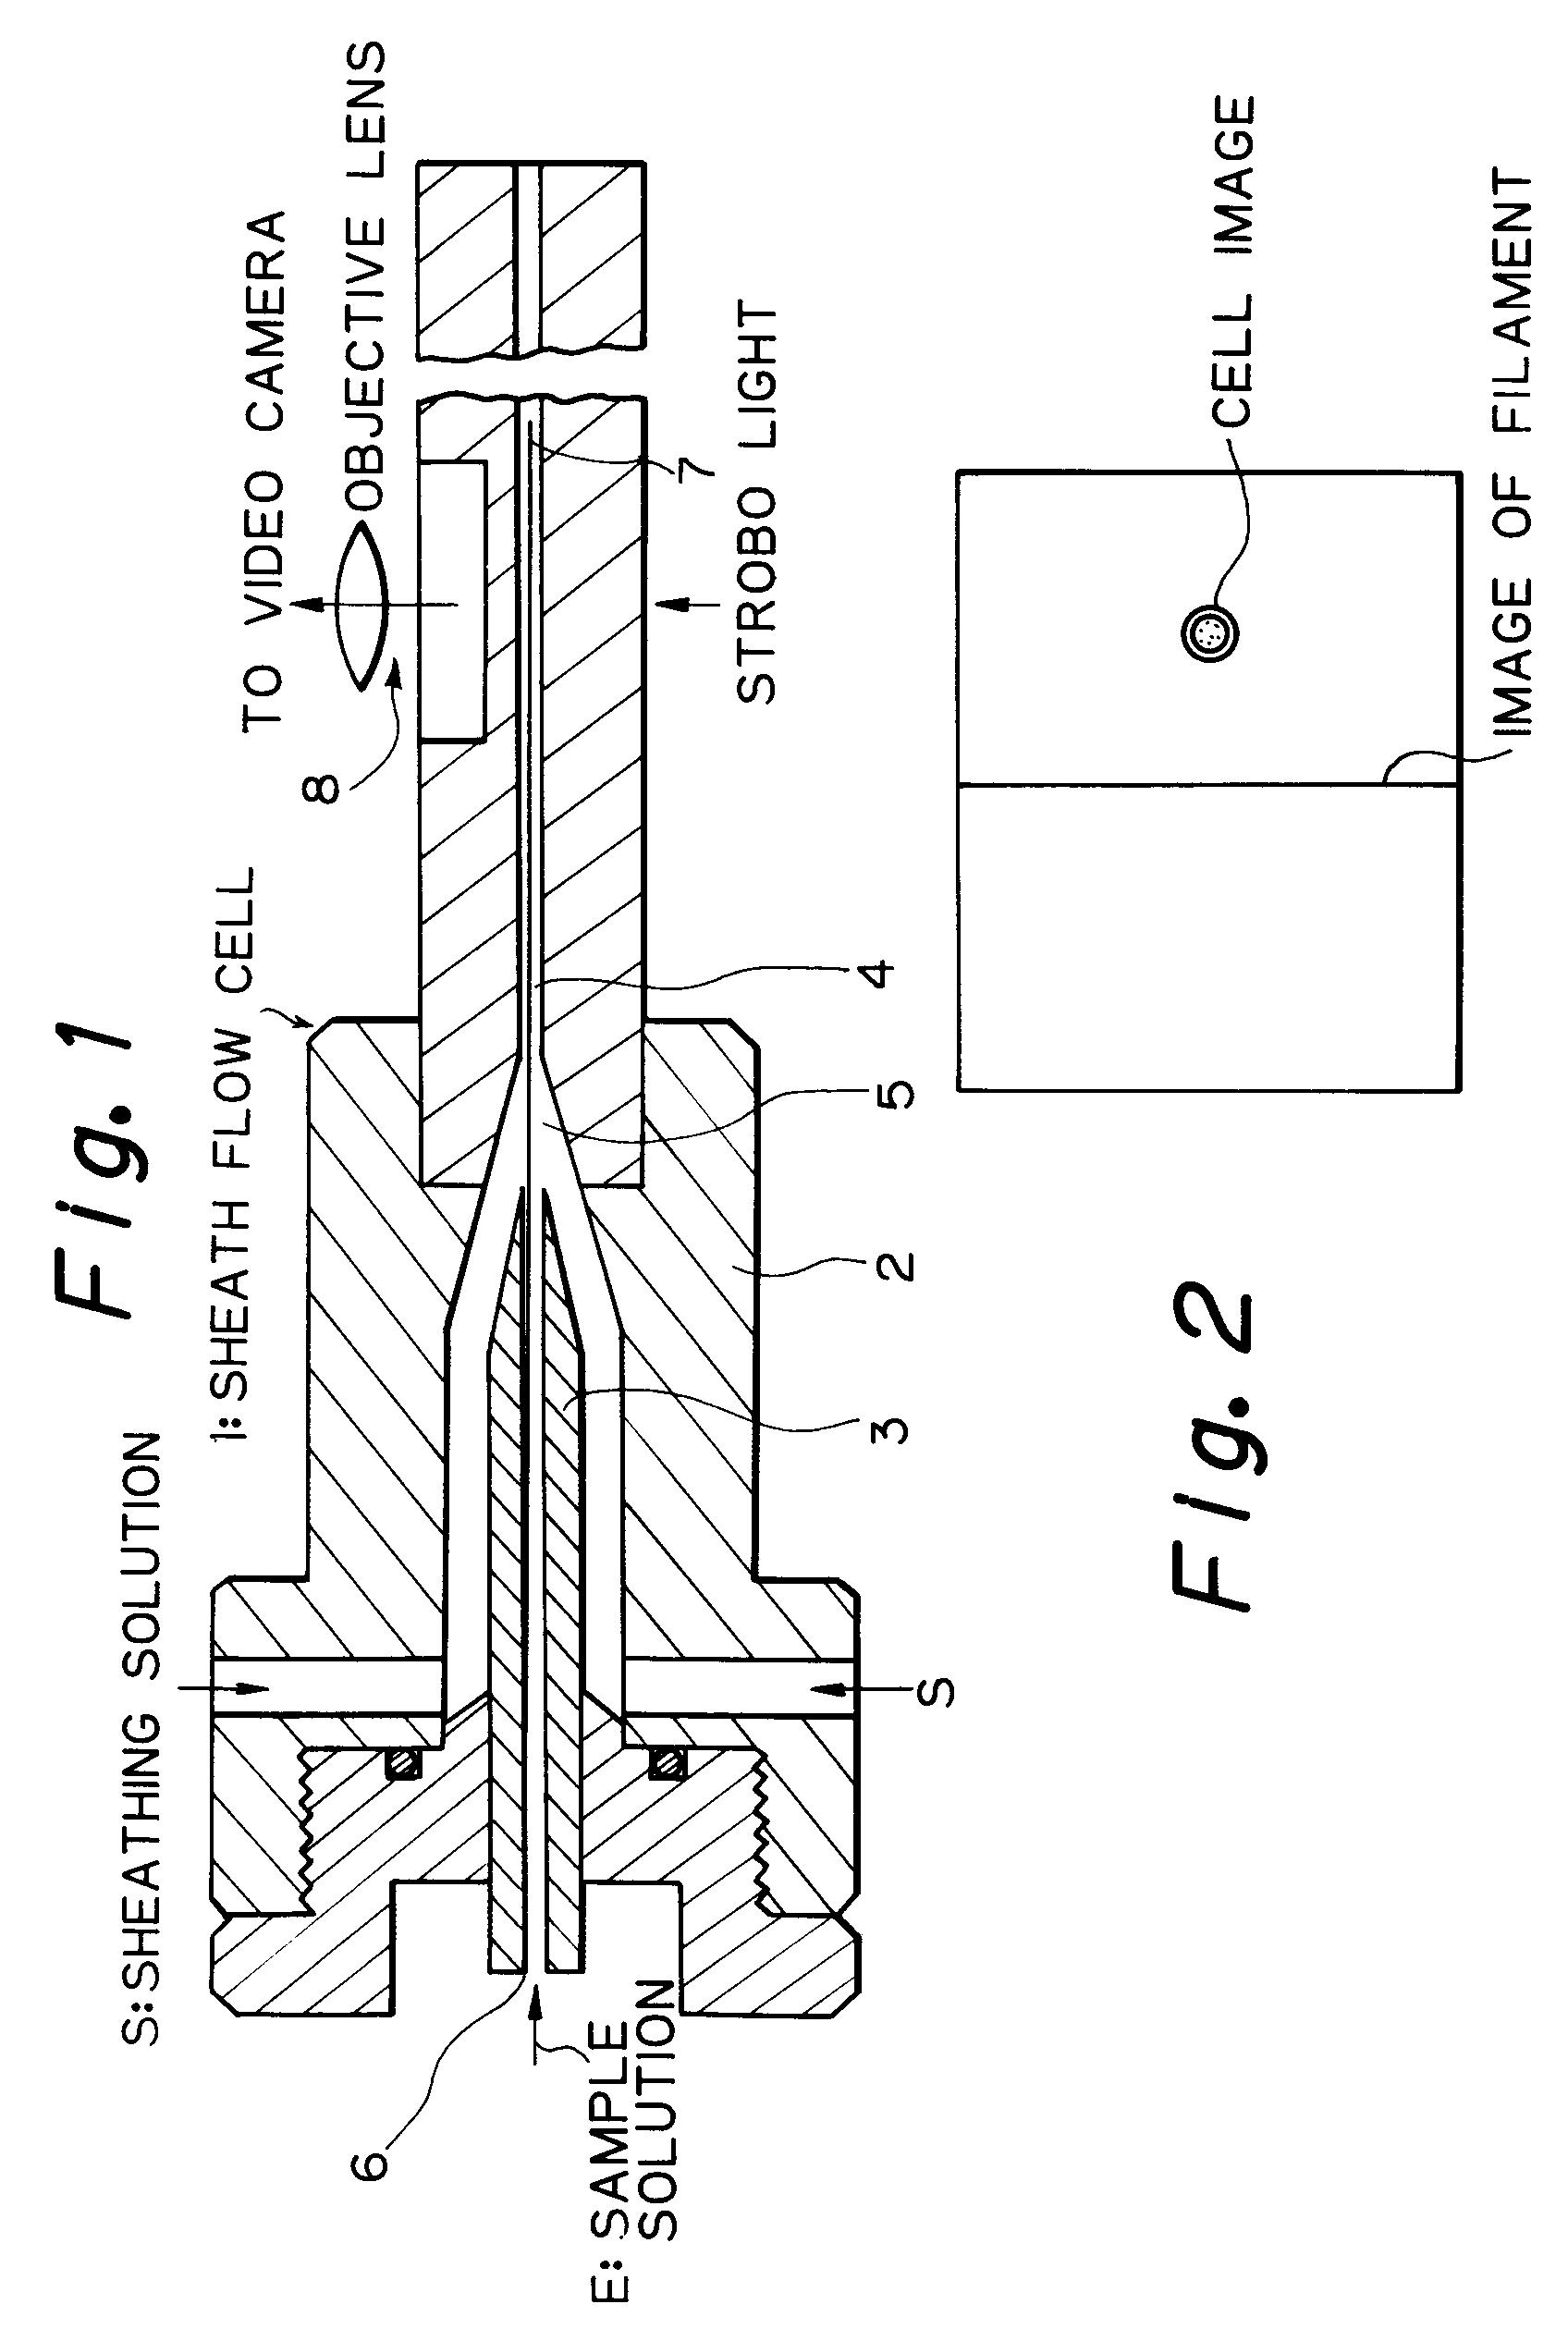 专利中设计电路